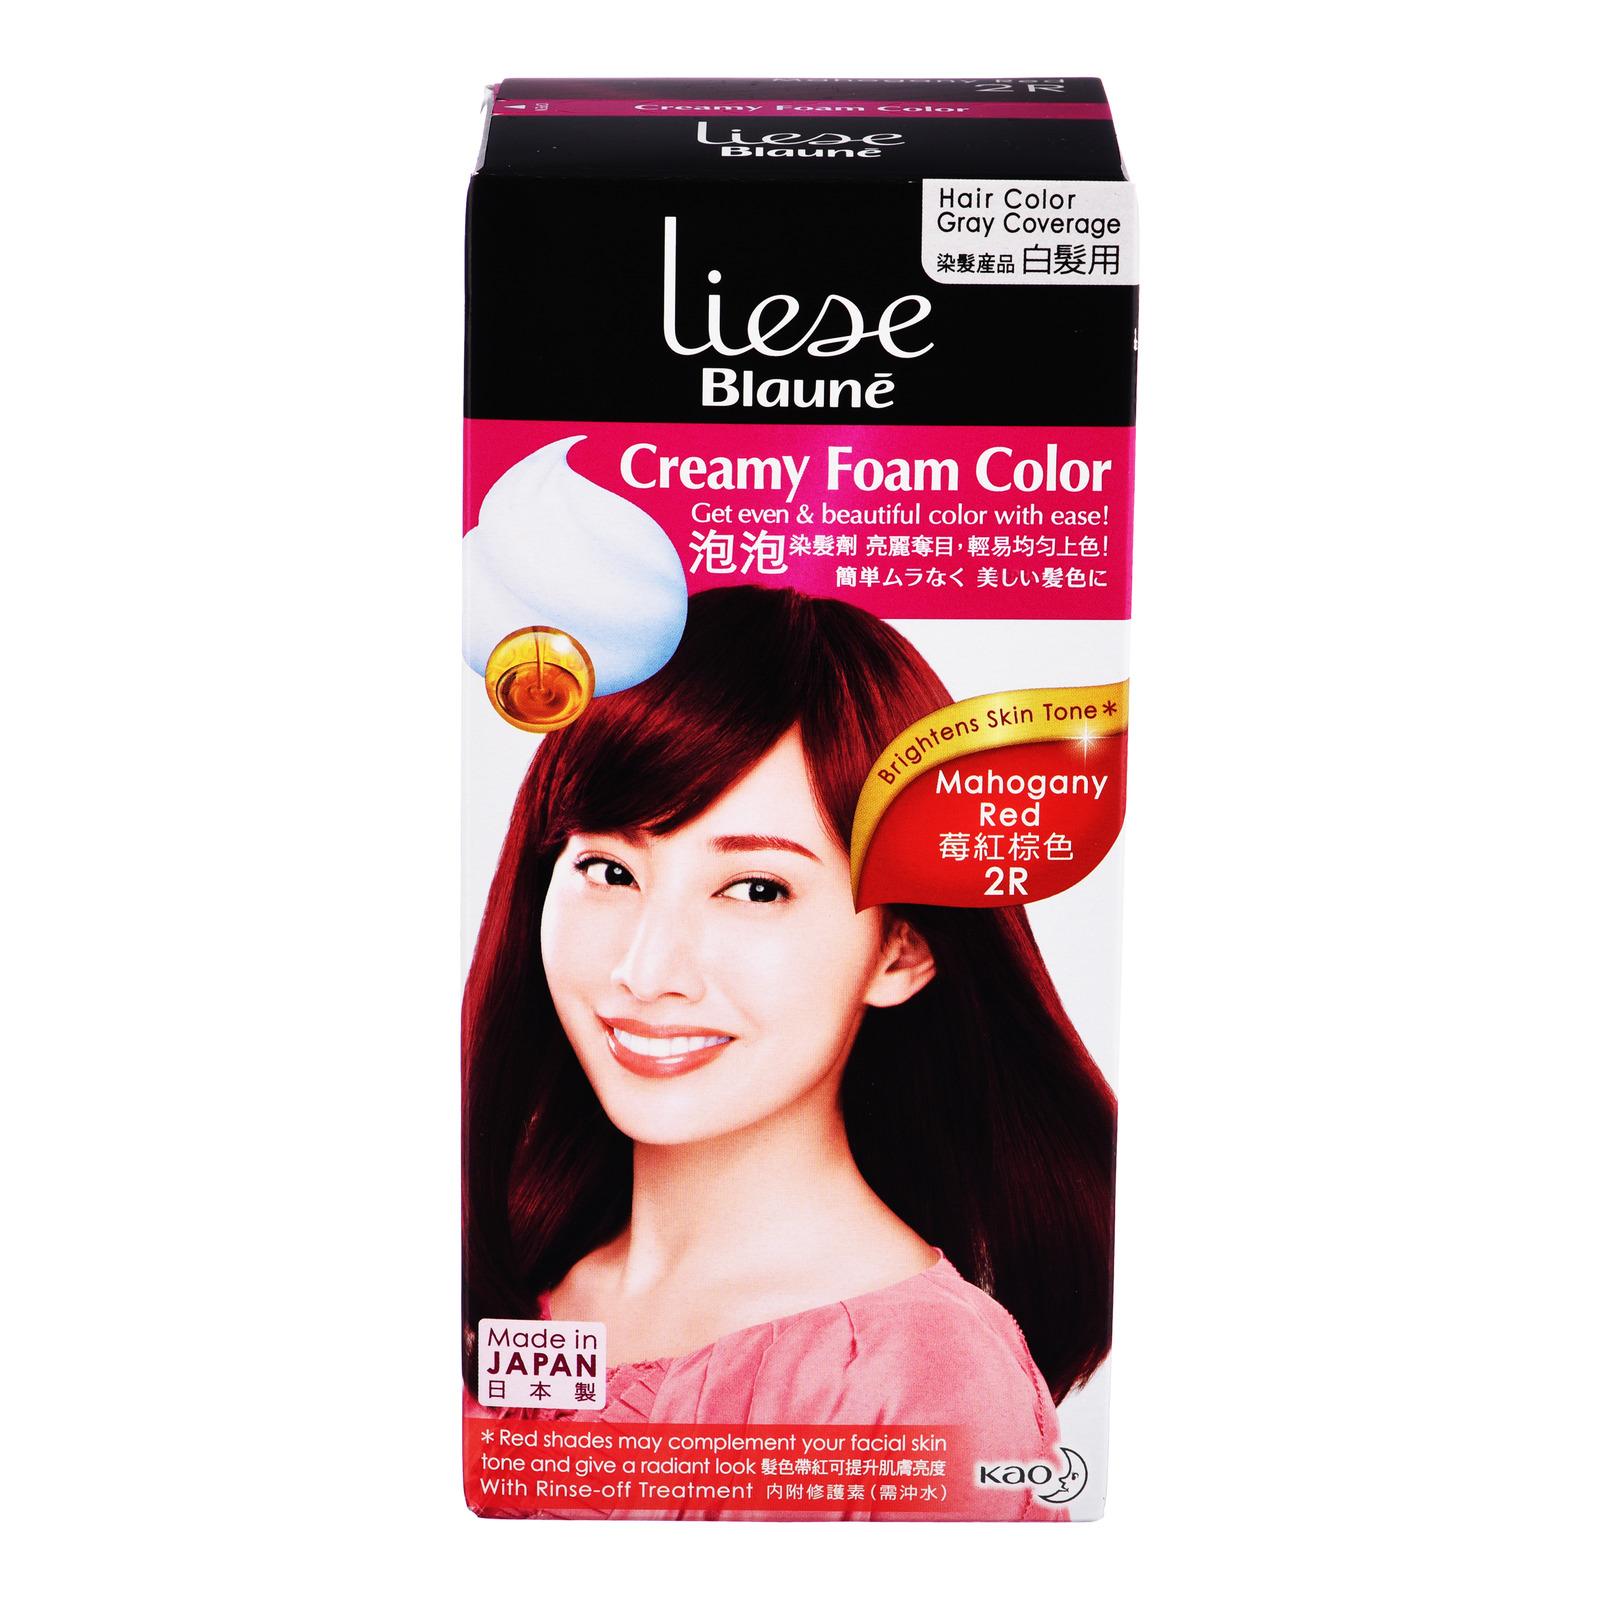 Liese Blaune Creamy Foam Hair Colour - 2R Mahogany Red